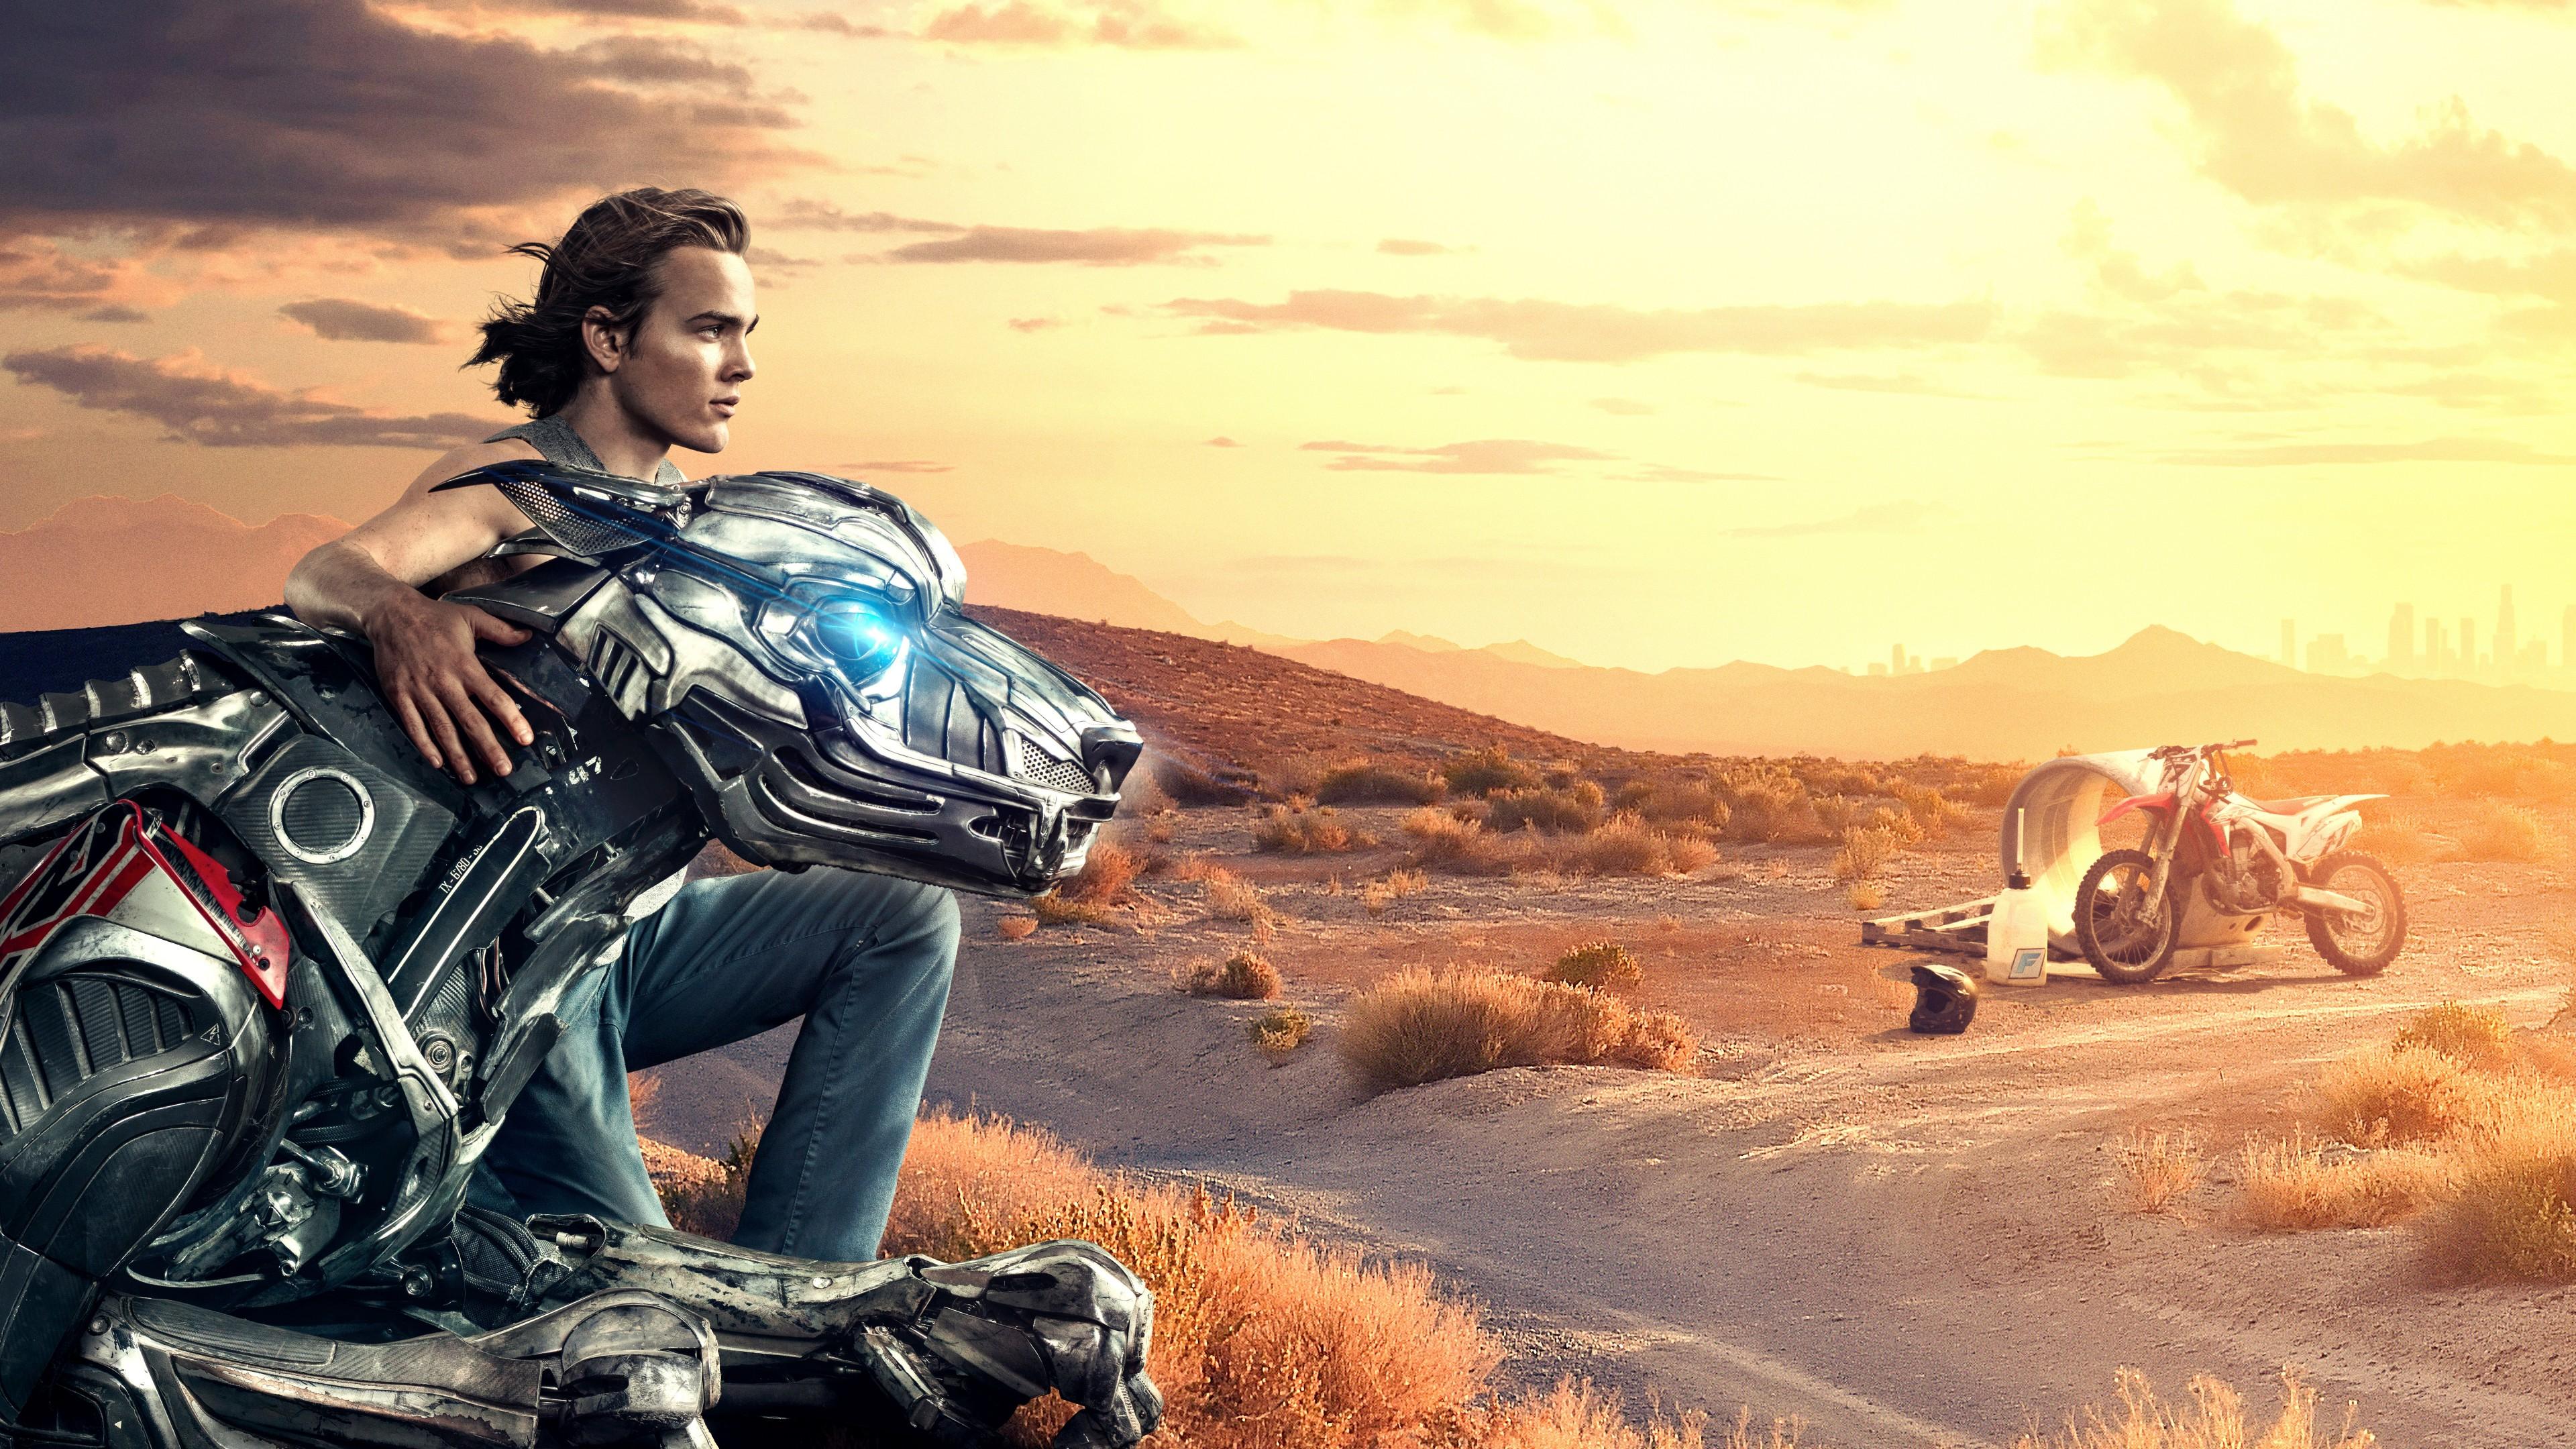 Молодой человек в обнимку с роботом в горах в отблесках солнца